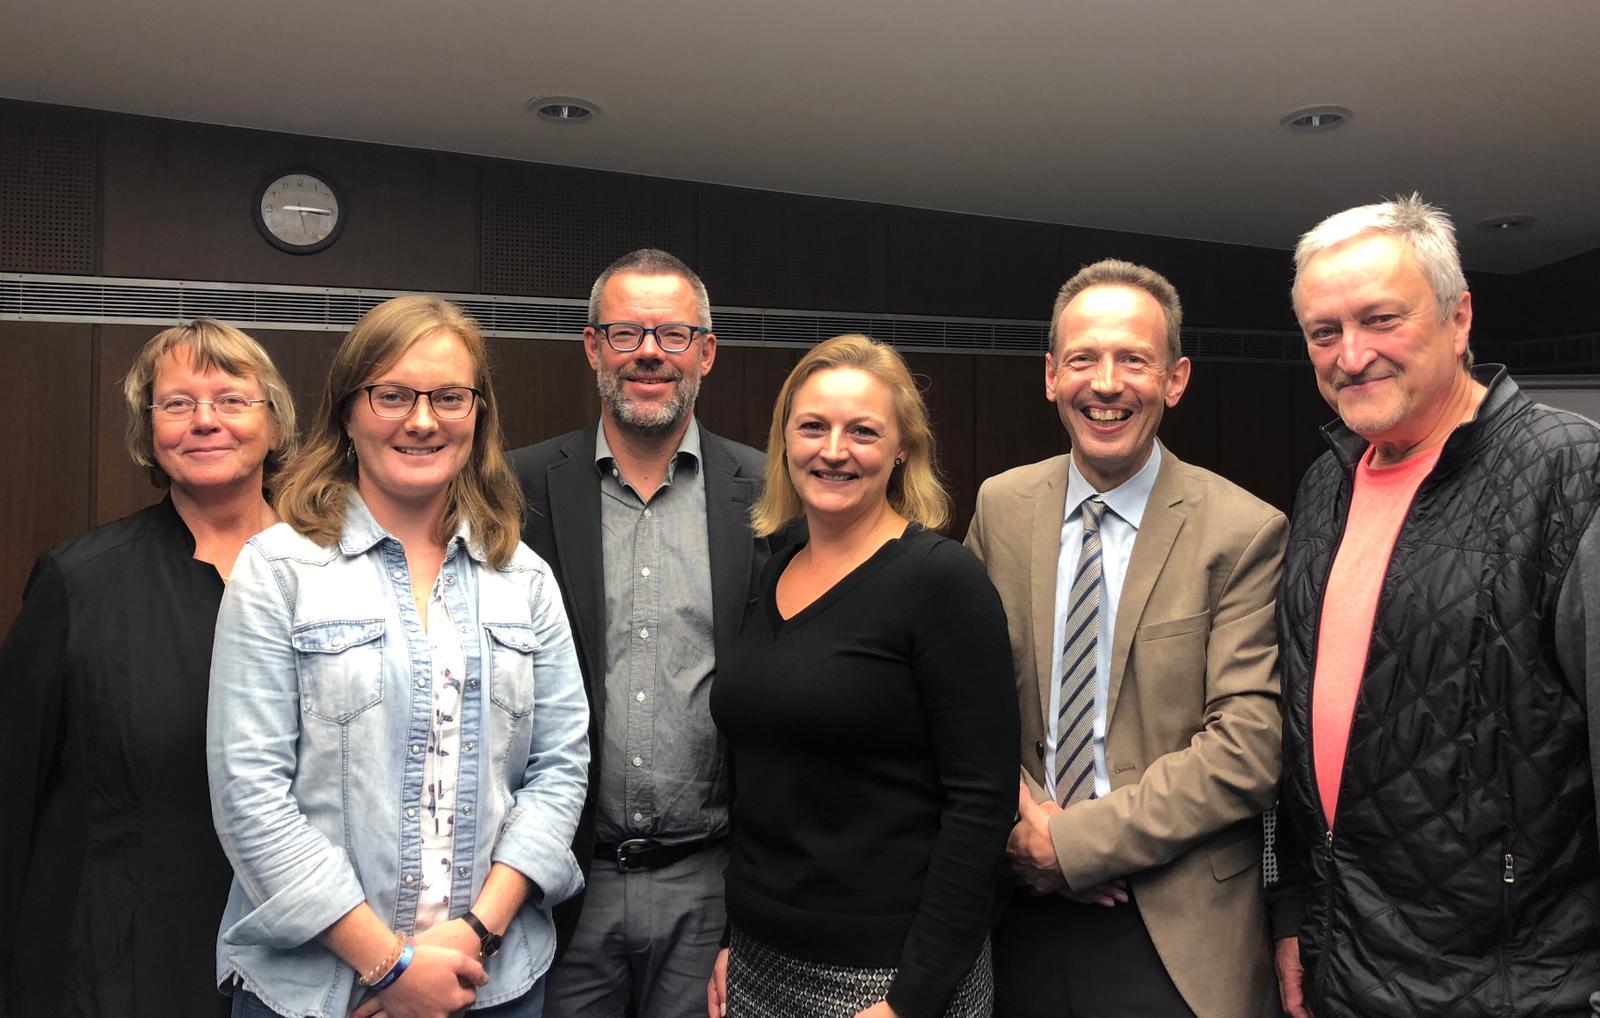 Das Bild zeigt die sechs gewählten Präsidiumsmitglieder der DGfG